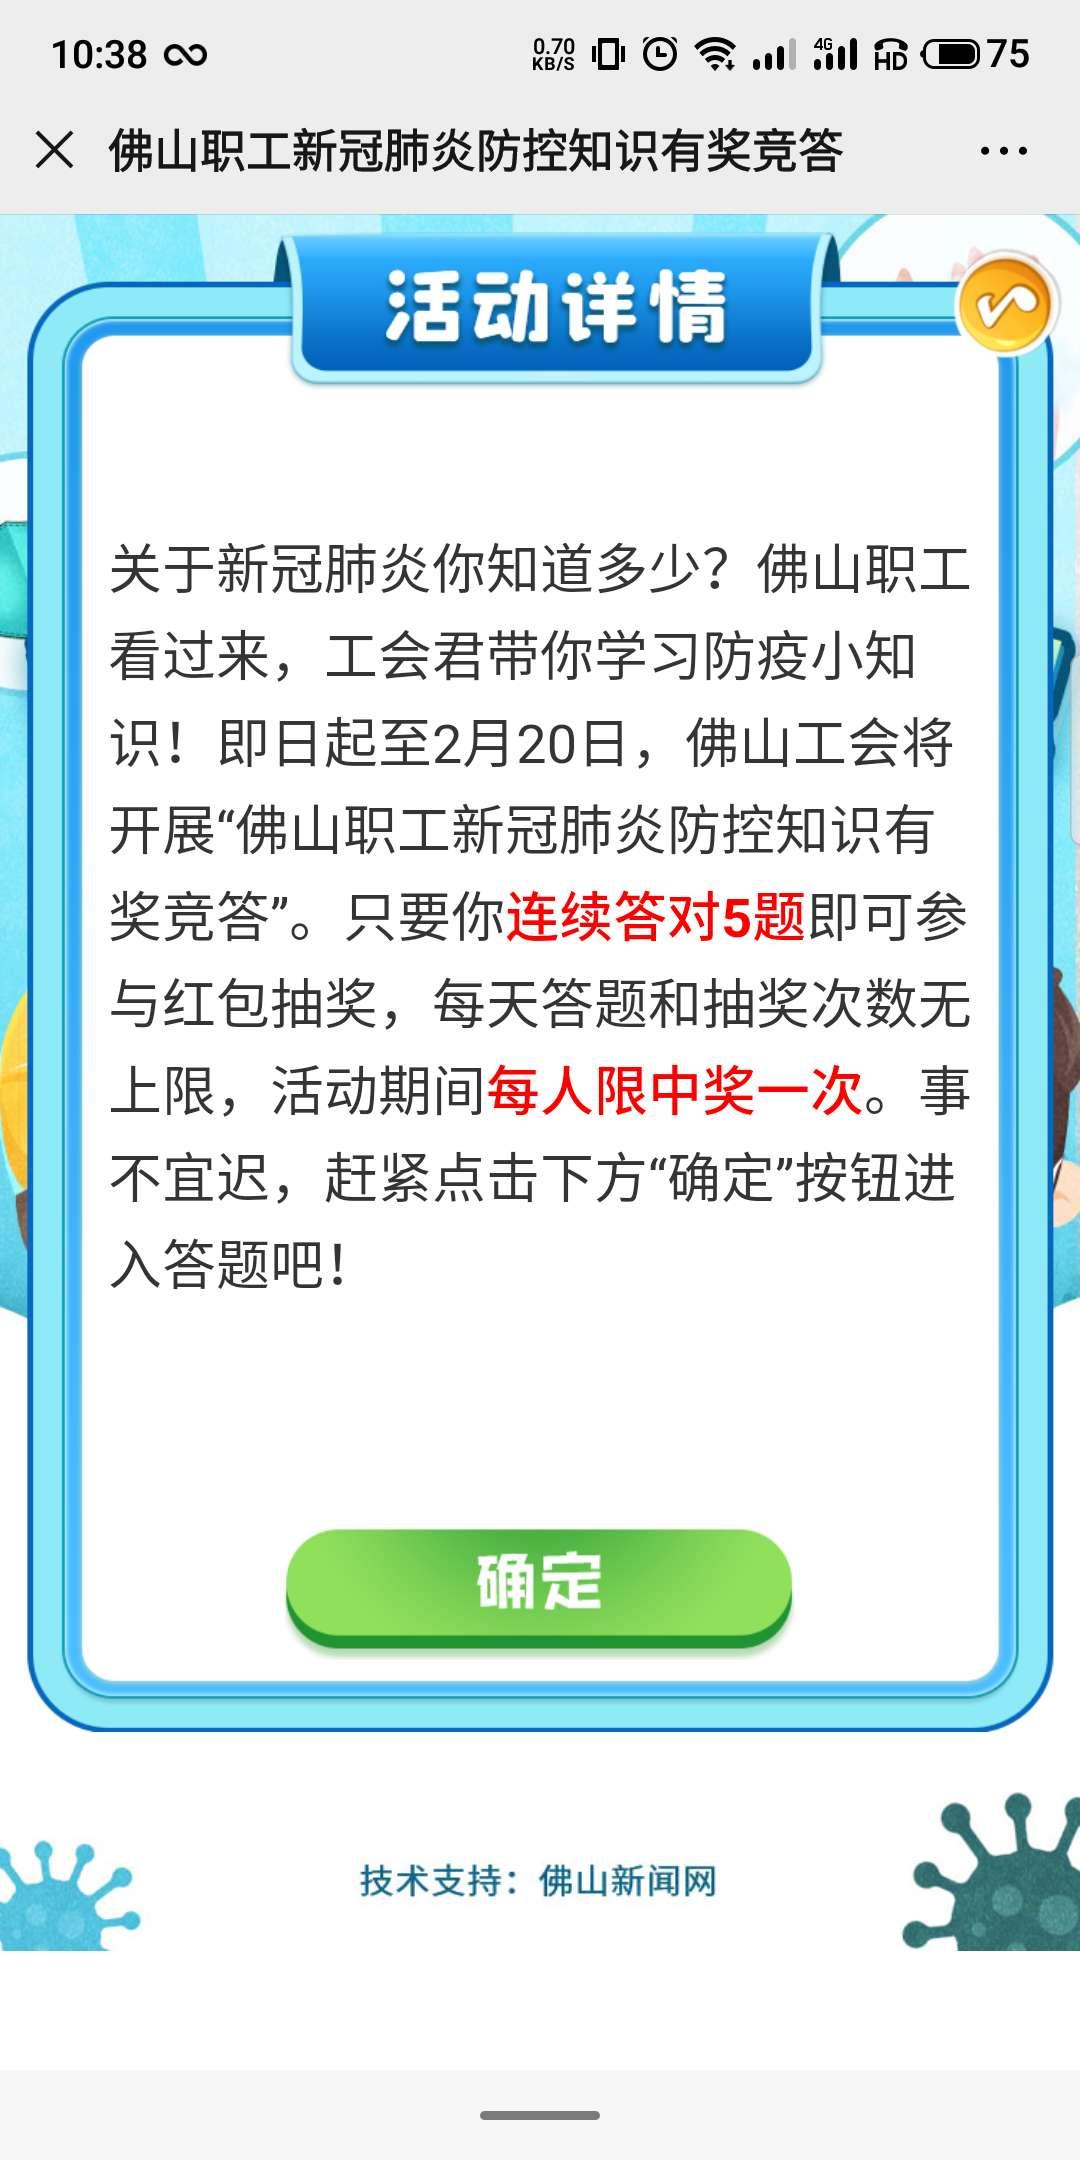 【现金红包】佛山职工新冠肺炎防控知识有奖竞答-惠小助(52huixz.com)